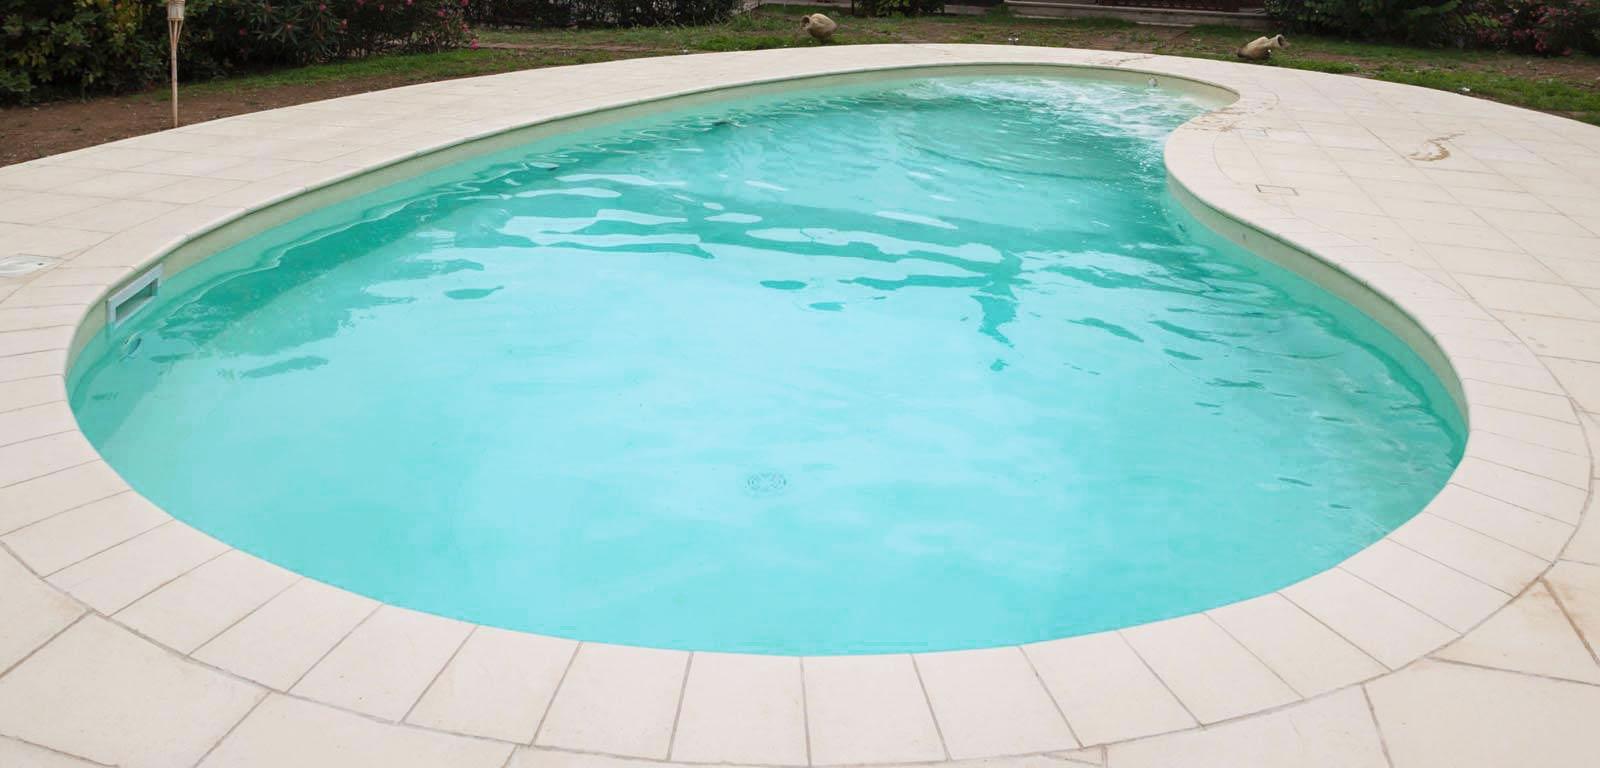 Piscine con telo sabbia piscine castiglione for Piscine 10x5